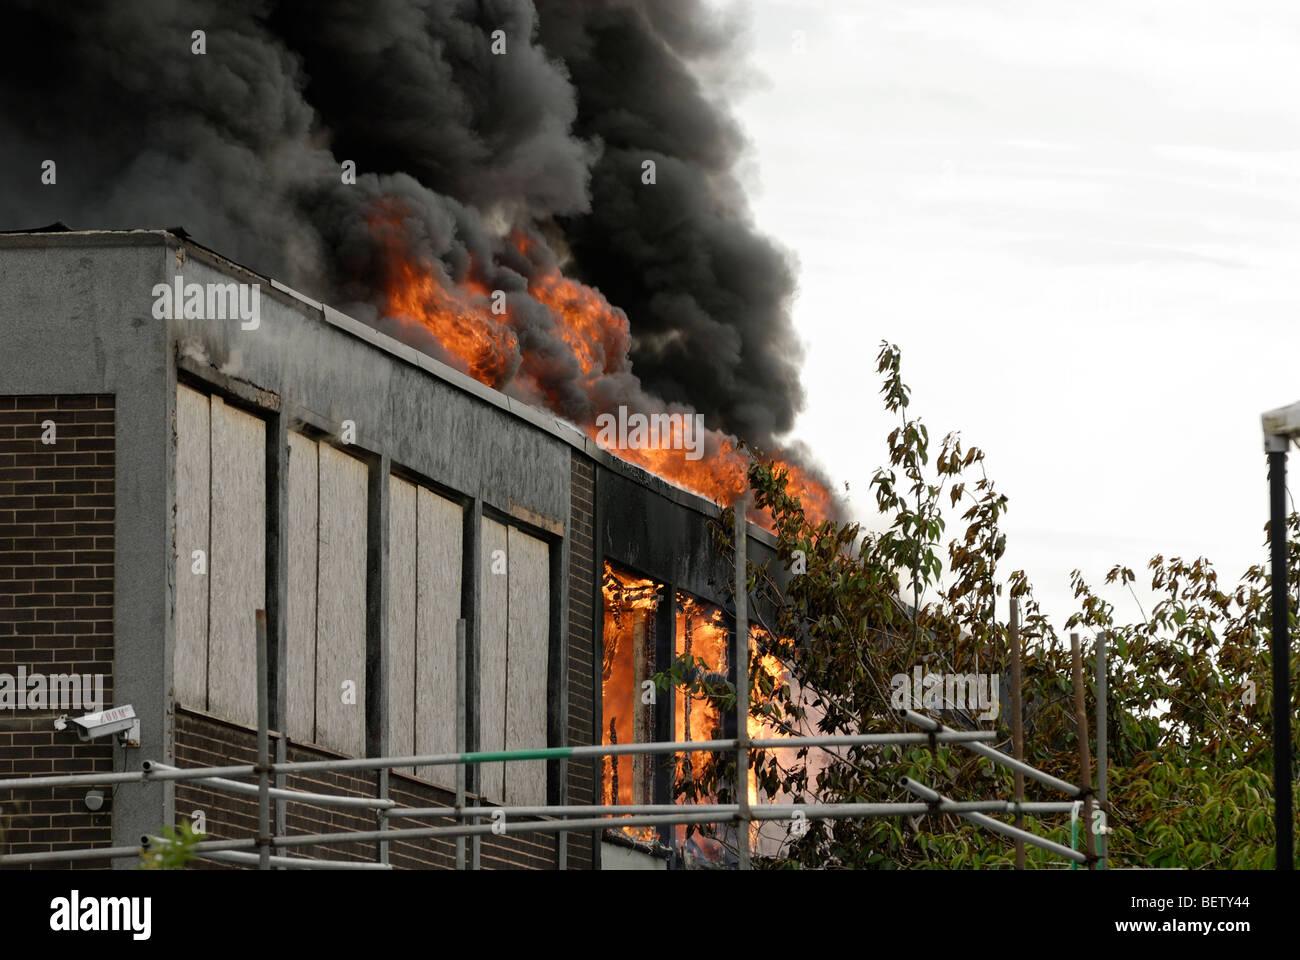 Ufficio In Fiamme : Blocco ufficio sul fuoco con le fiamme e il fumo proveniente dalle